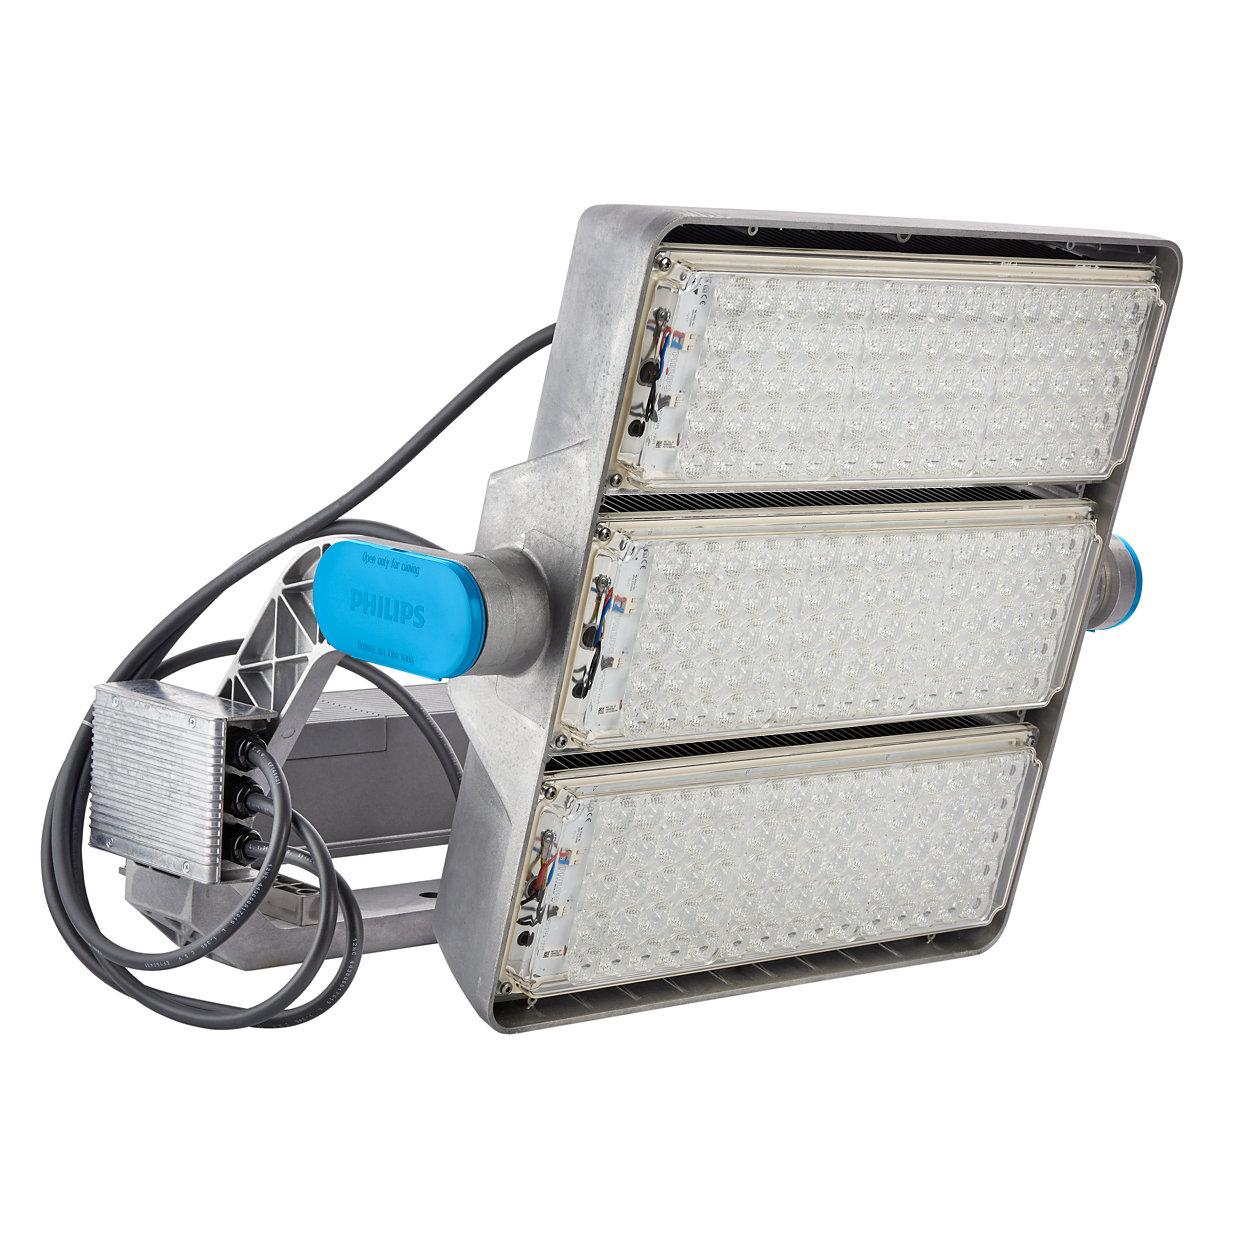 ArenaVision LED gen2 – possibilita novas experiências nos locais desportivos